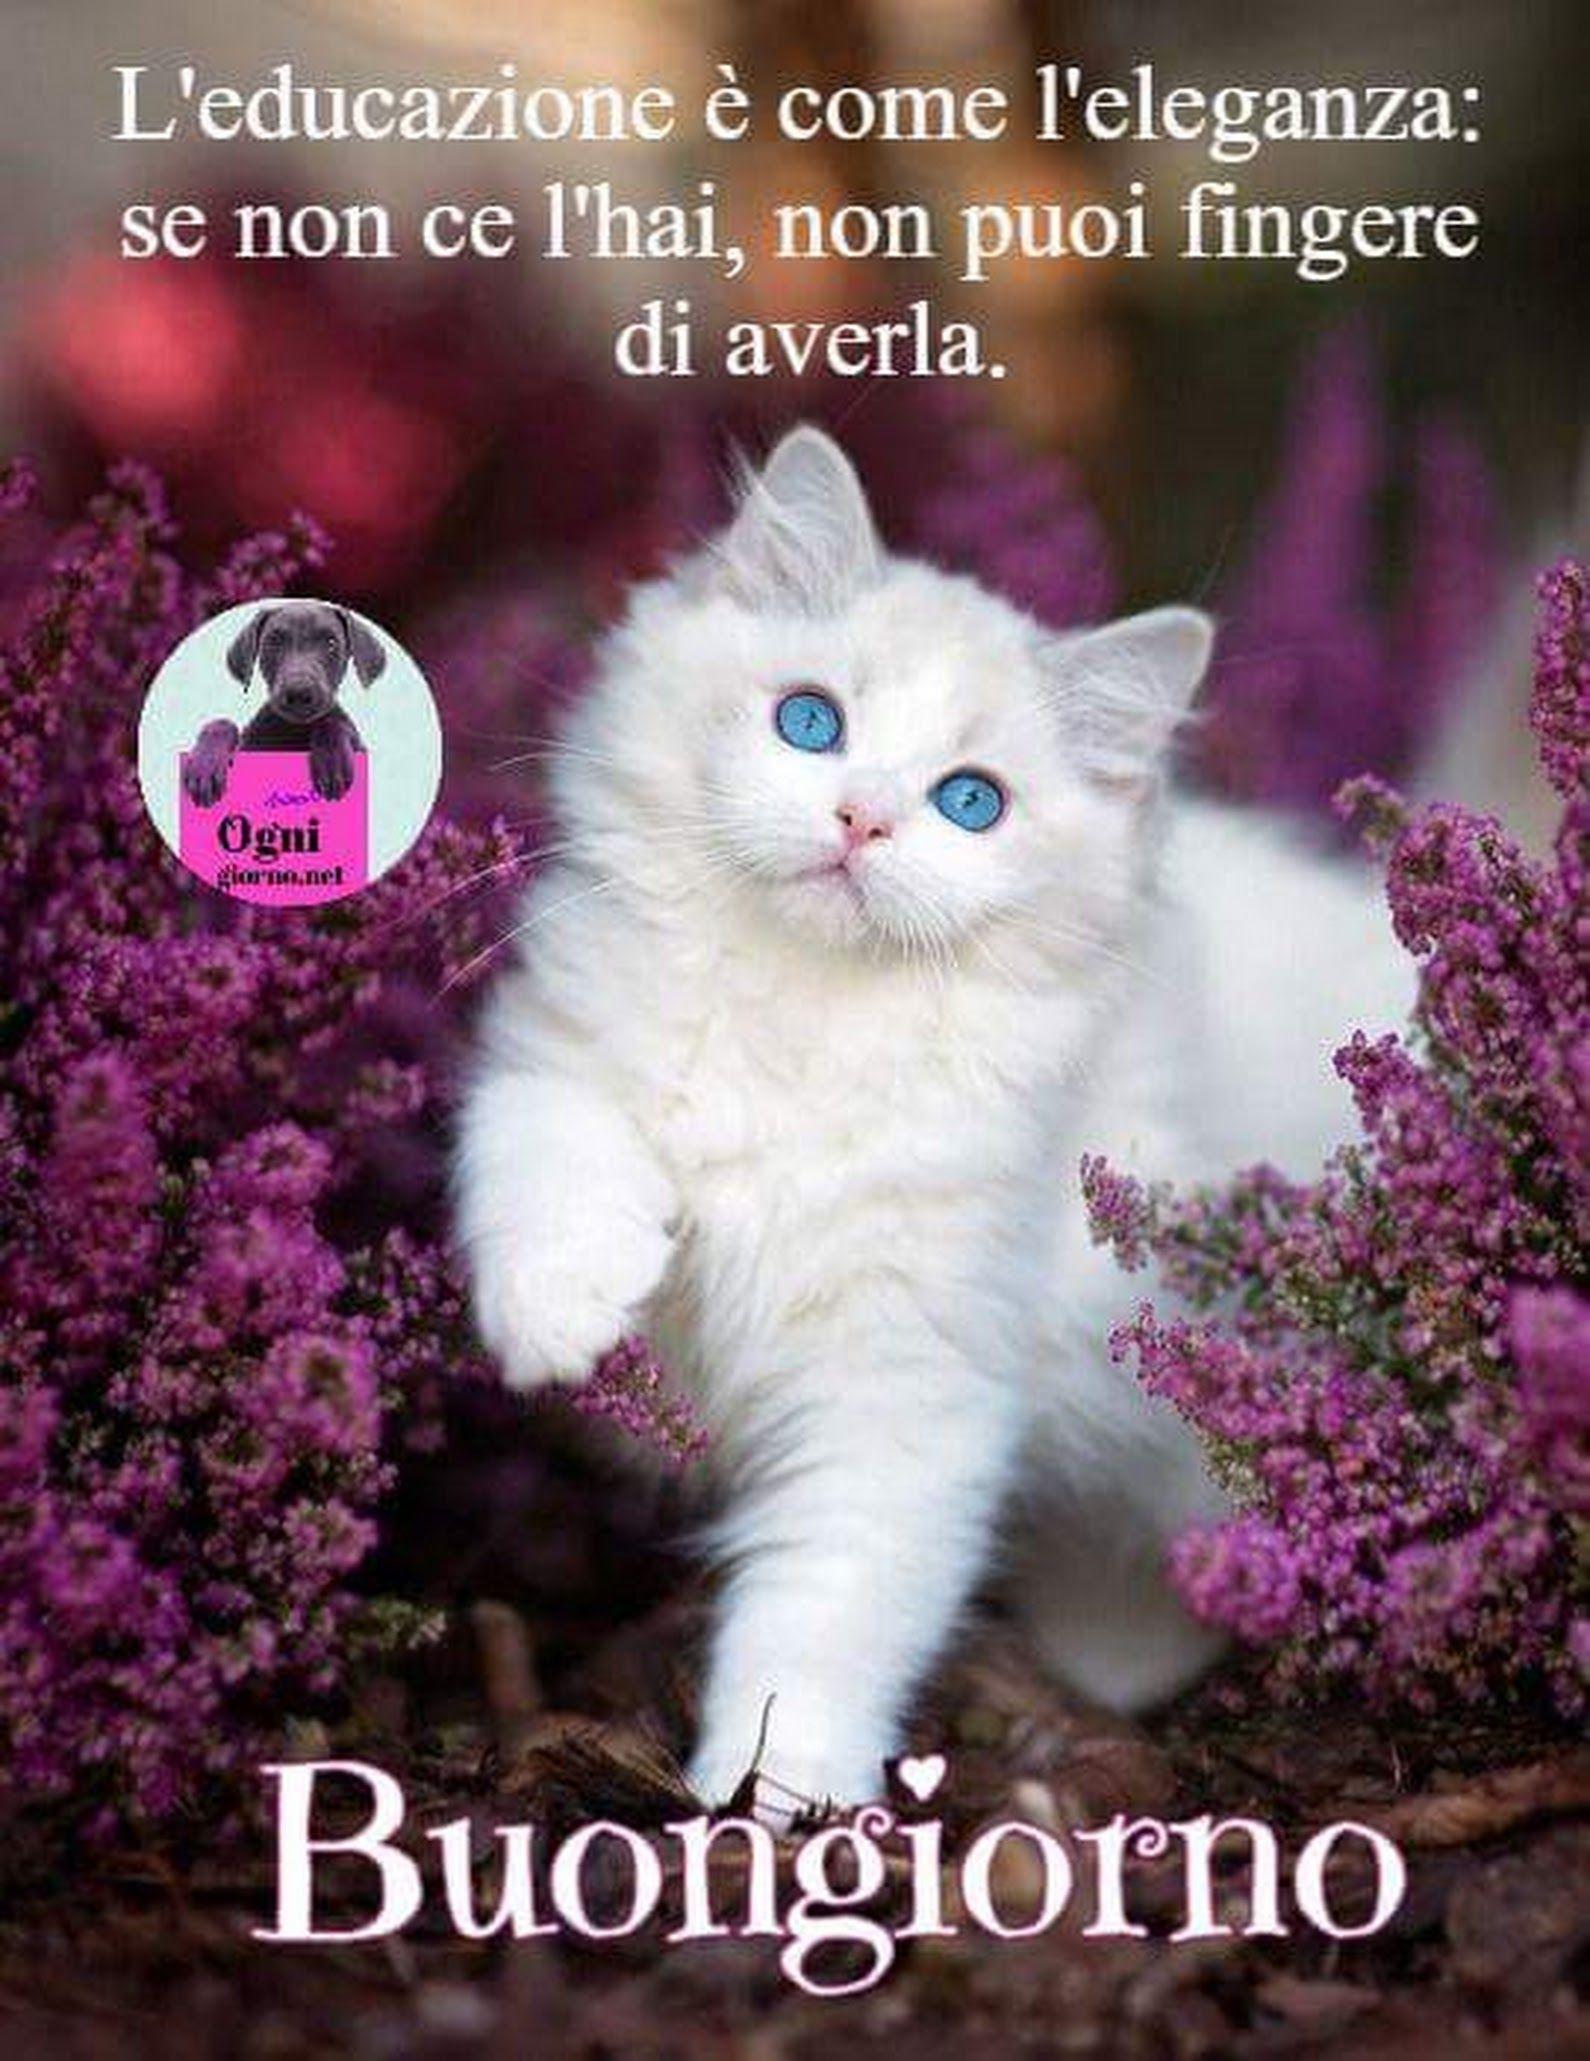 Buongiorno a tutti buon venerdi buongiorno for Buongiorno con gattini